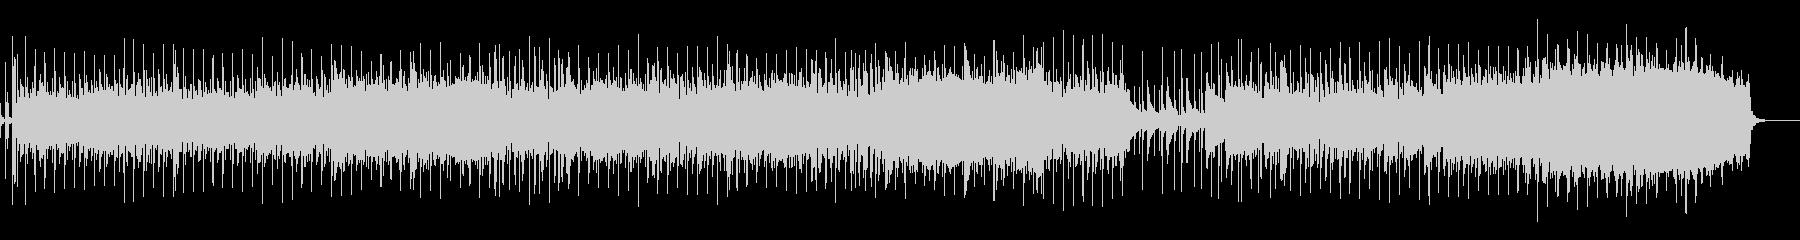 バトル曲でカッコイイオーケストラロックの未再生の波形